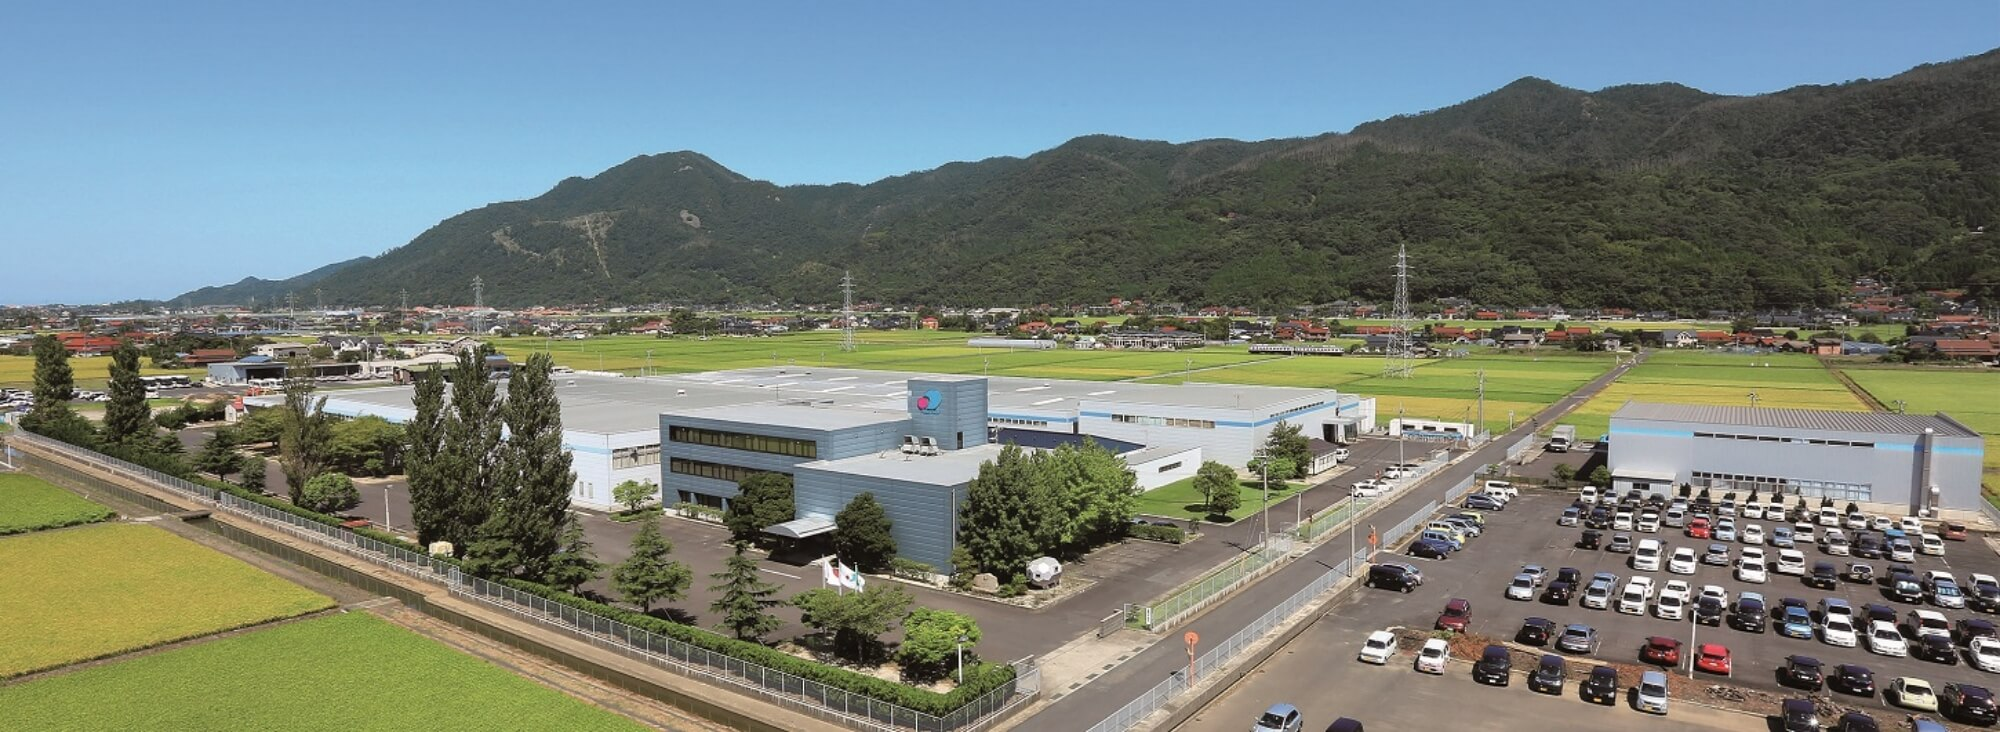 提携工場の外観写真